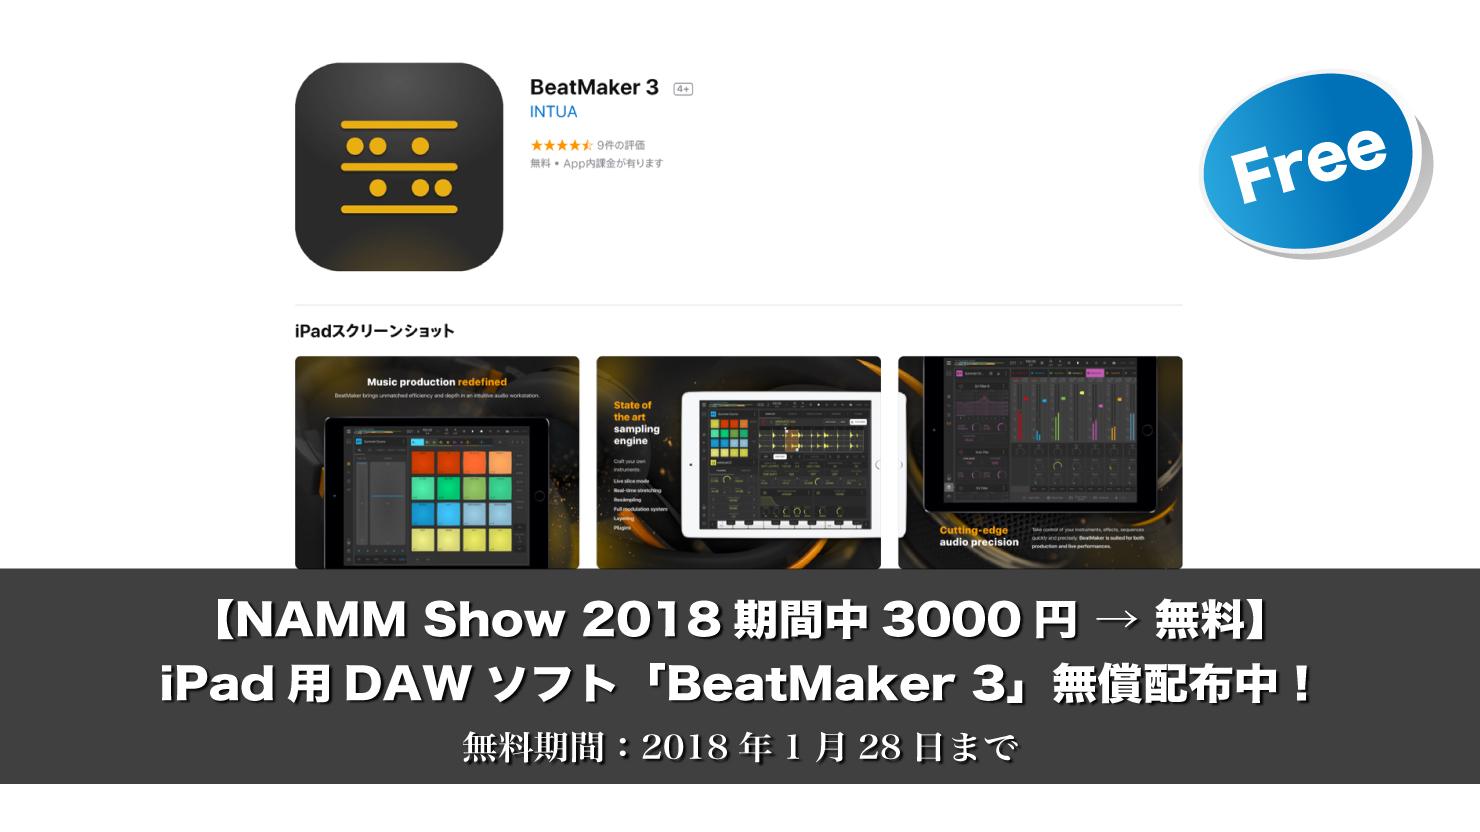 【期間限定・無料】BeatMaker 3(iPad用 DAWソフト)がNAMM Show 2018 期間中3000円→無料